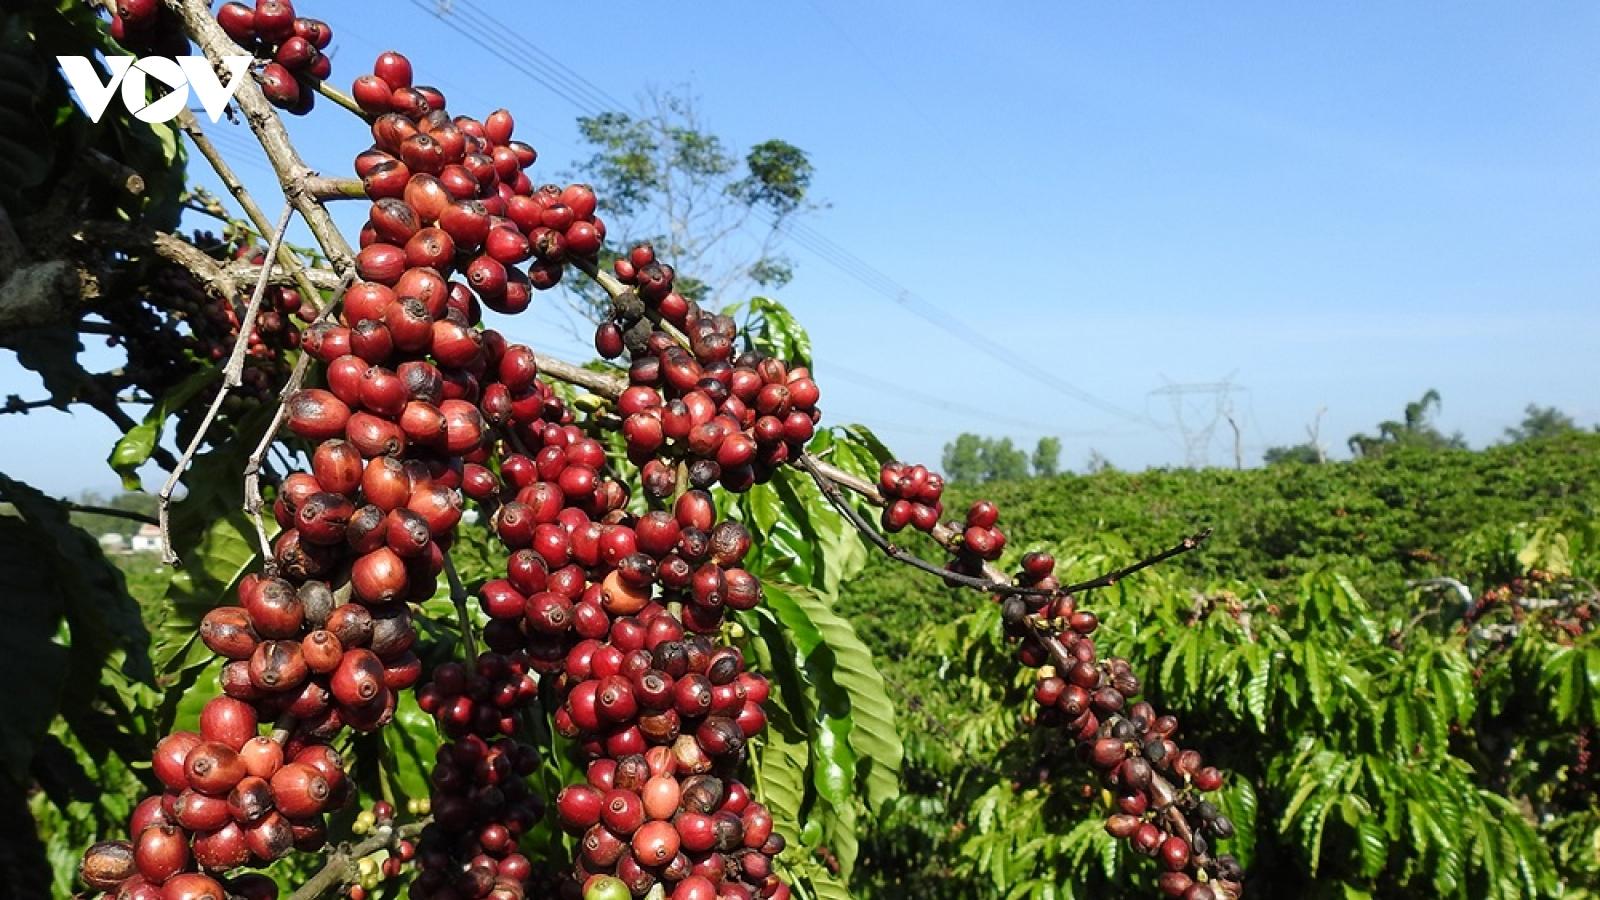 Liên kết chuỗi cà phê ở Tây Nguyên: Nhiều kỳ vọng từ 5.000 ha đầu tiên